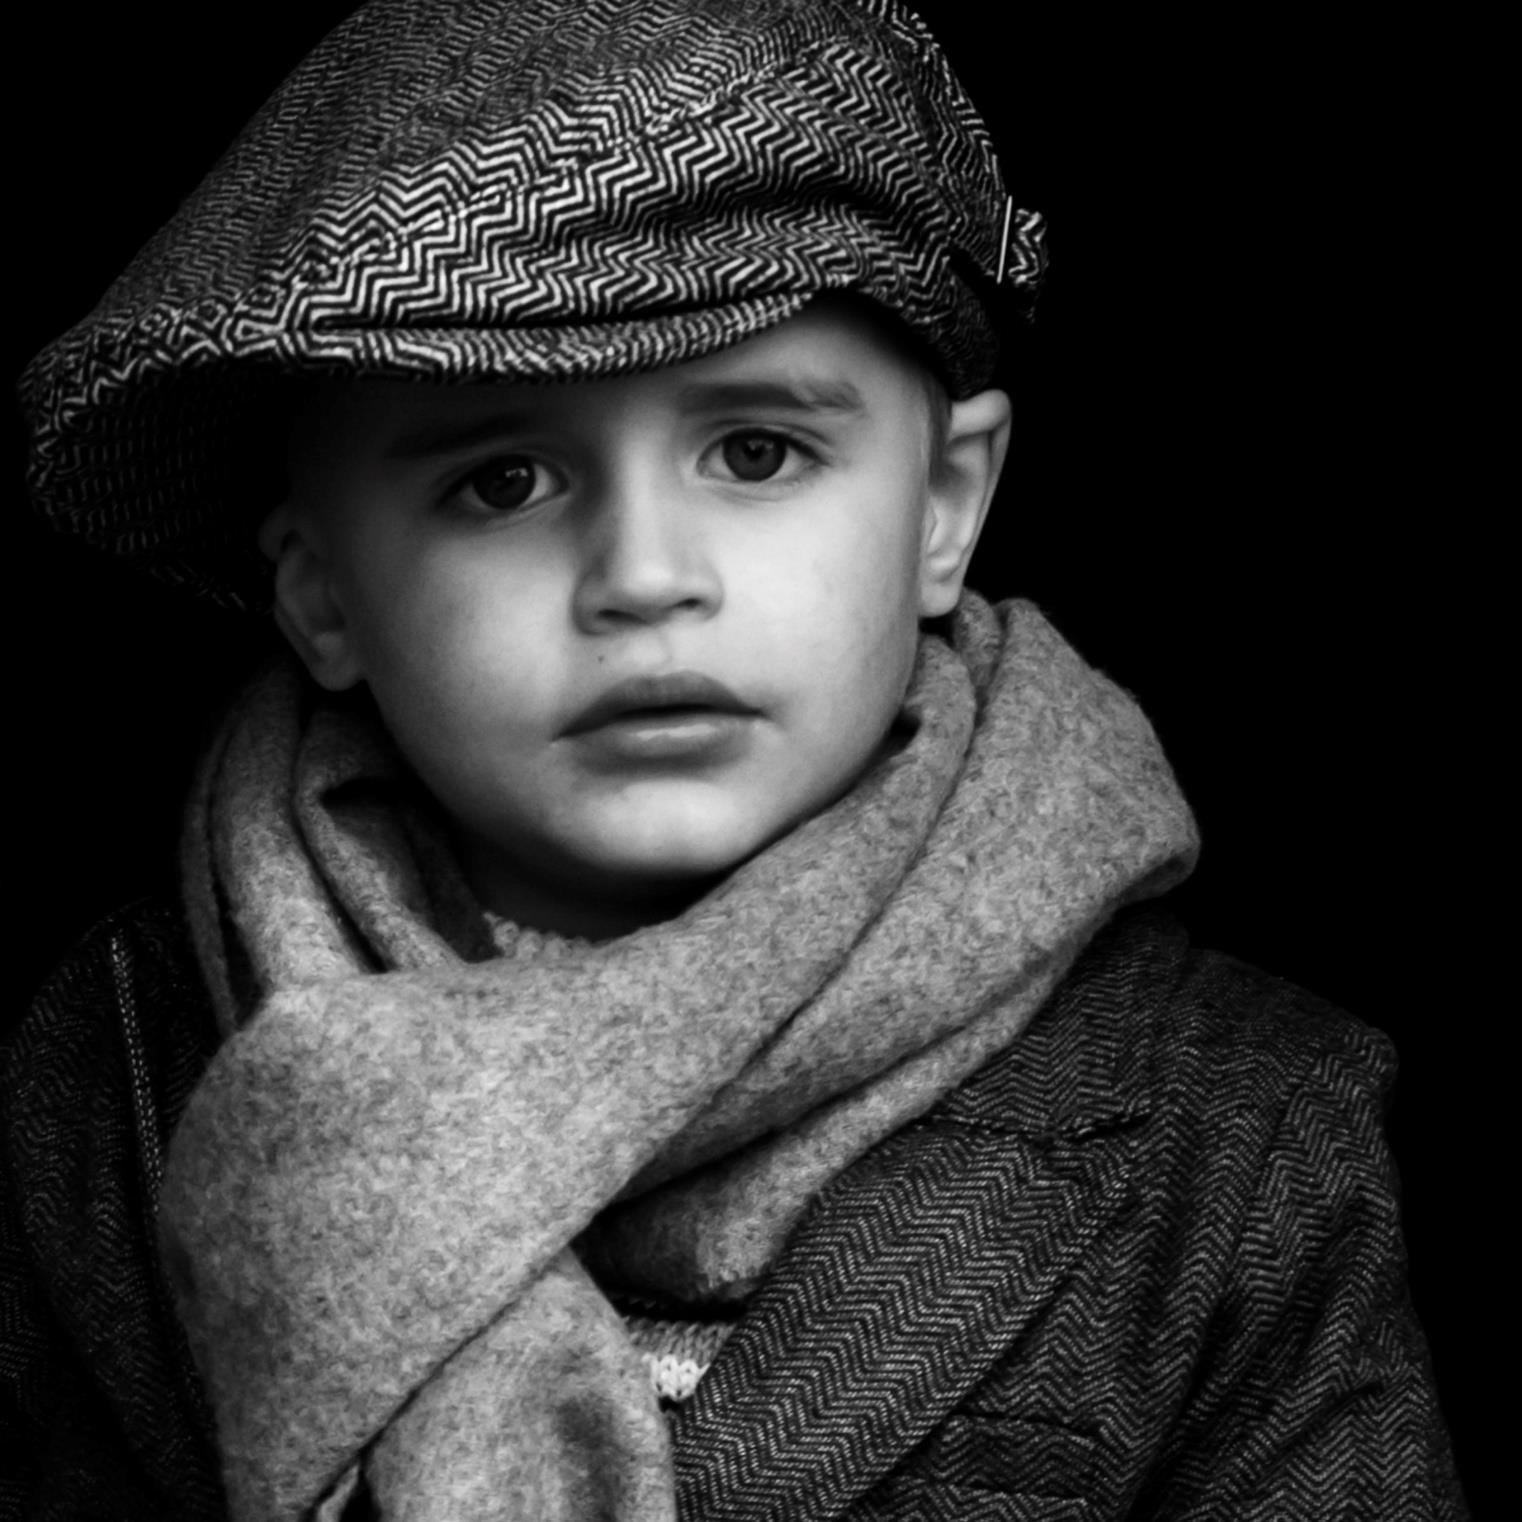 I'm Nikon (foto: Aase Marie Dahle, Oseberg Photo Society)